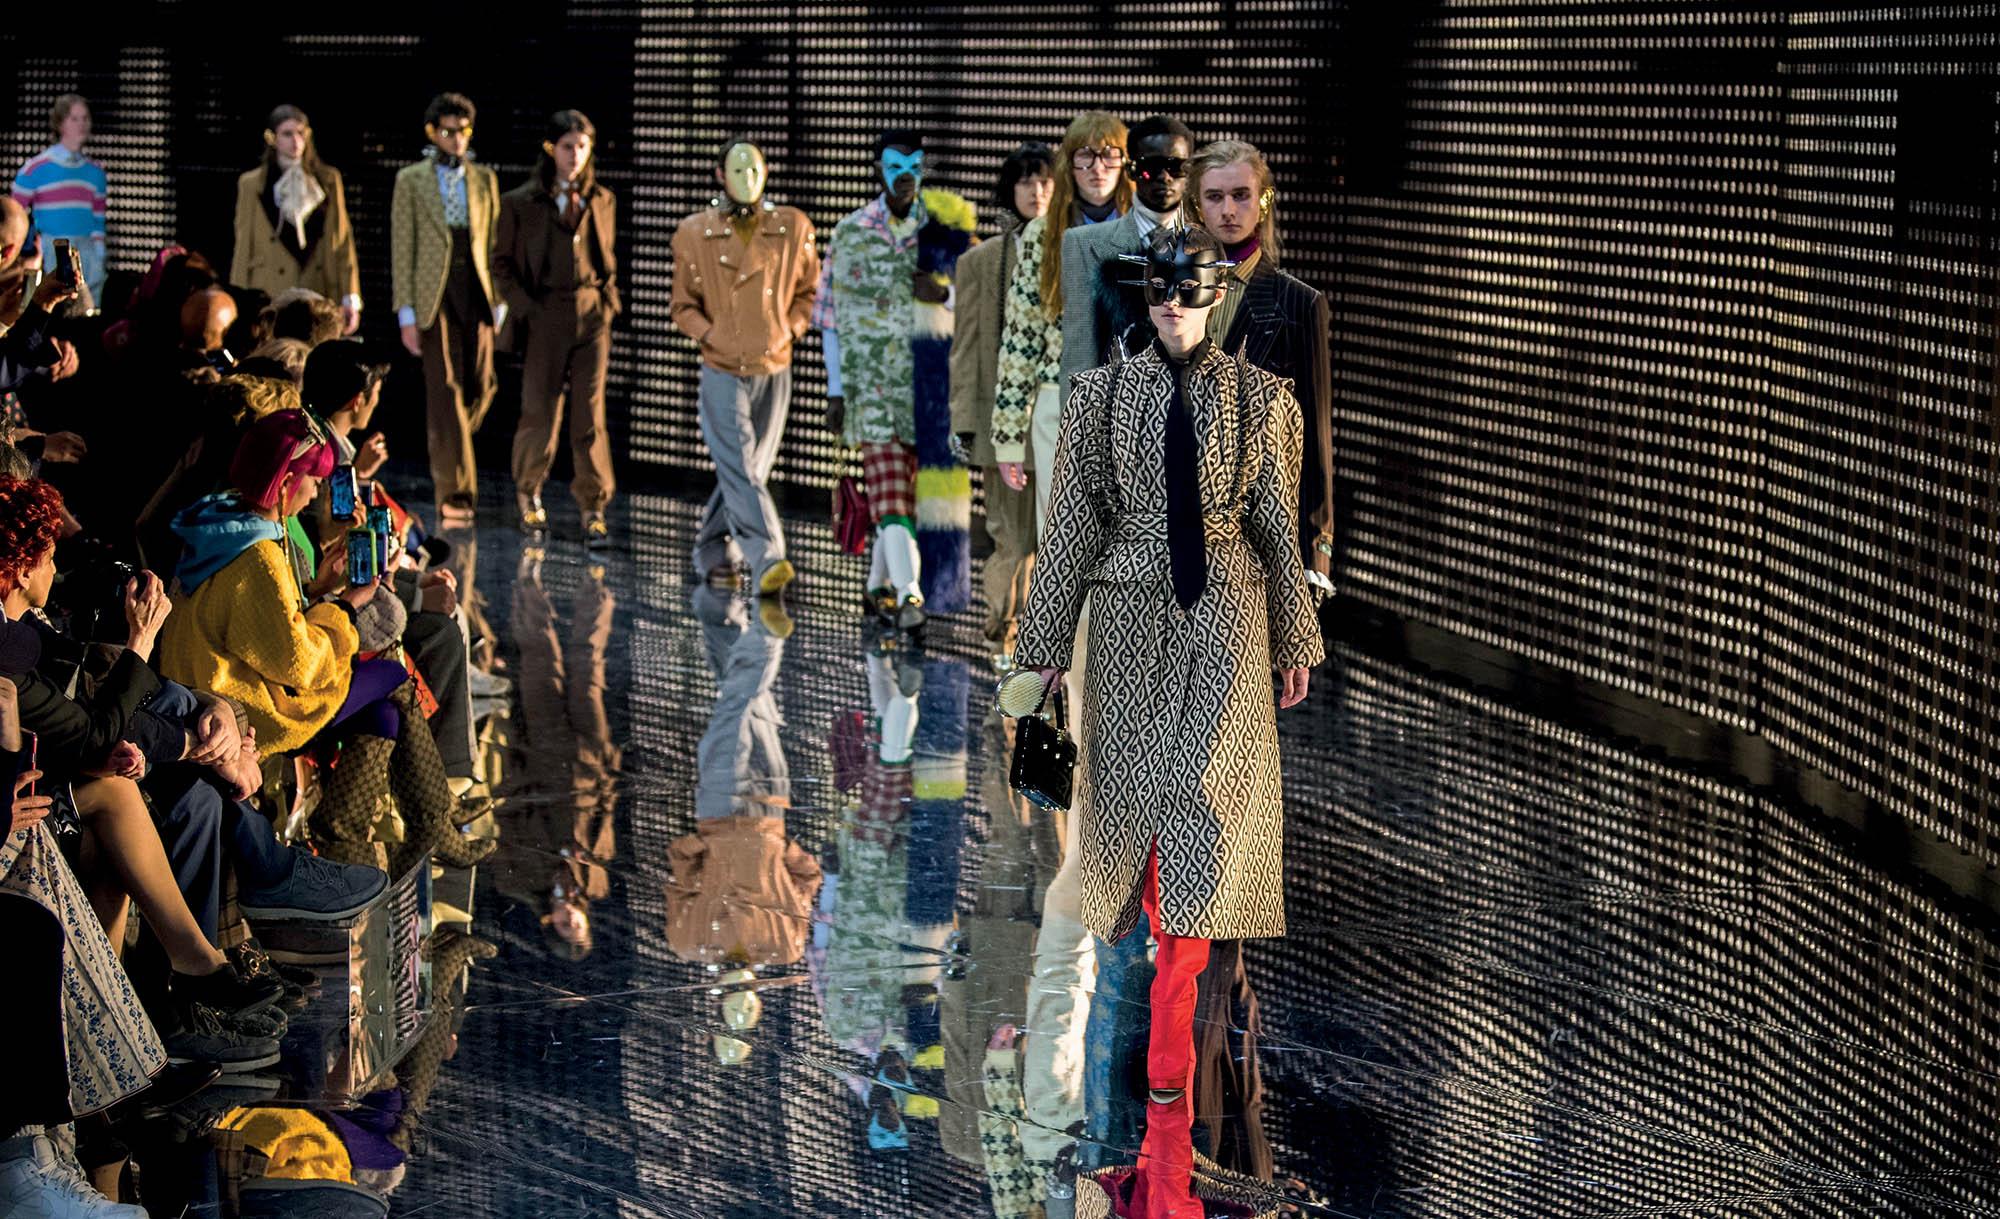 thời trang bền vững - tuần lễ thời trang tham gia chiến dịch xanh hóa